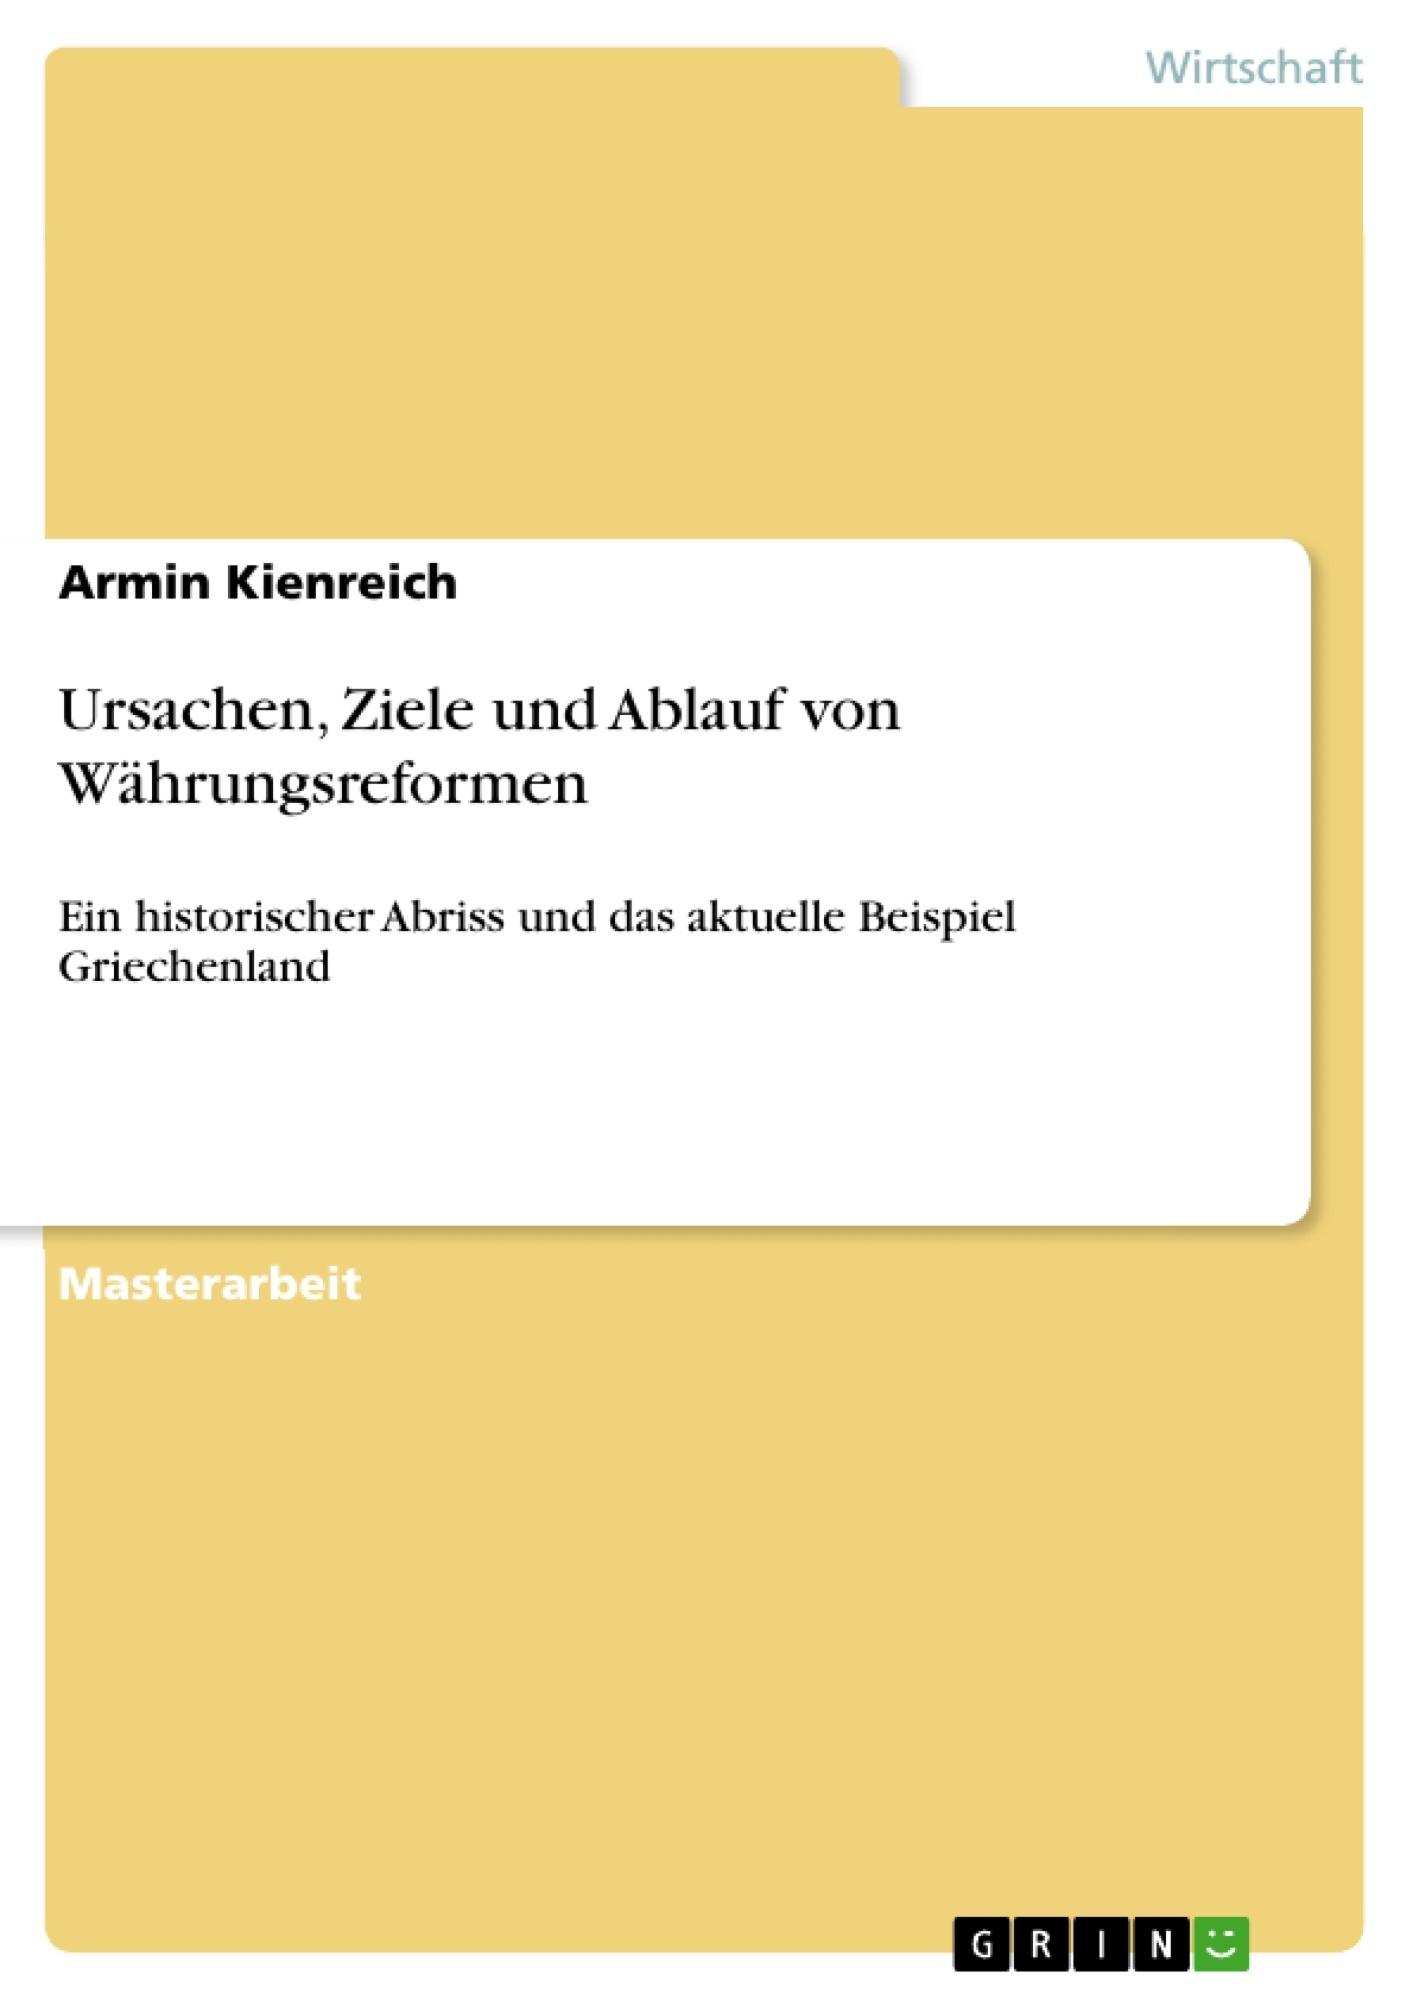 Titel: Ursachen, Ziele und Ablauf von Währungsreformen